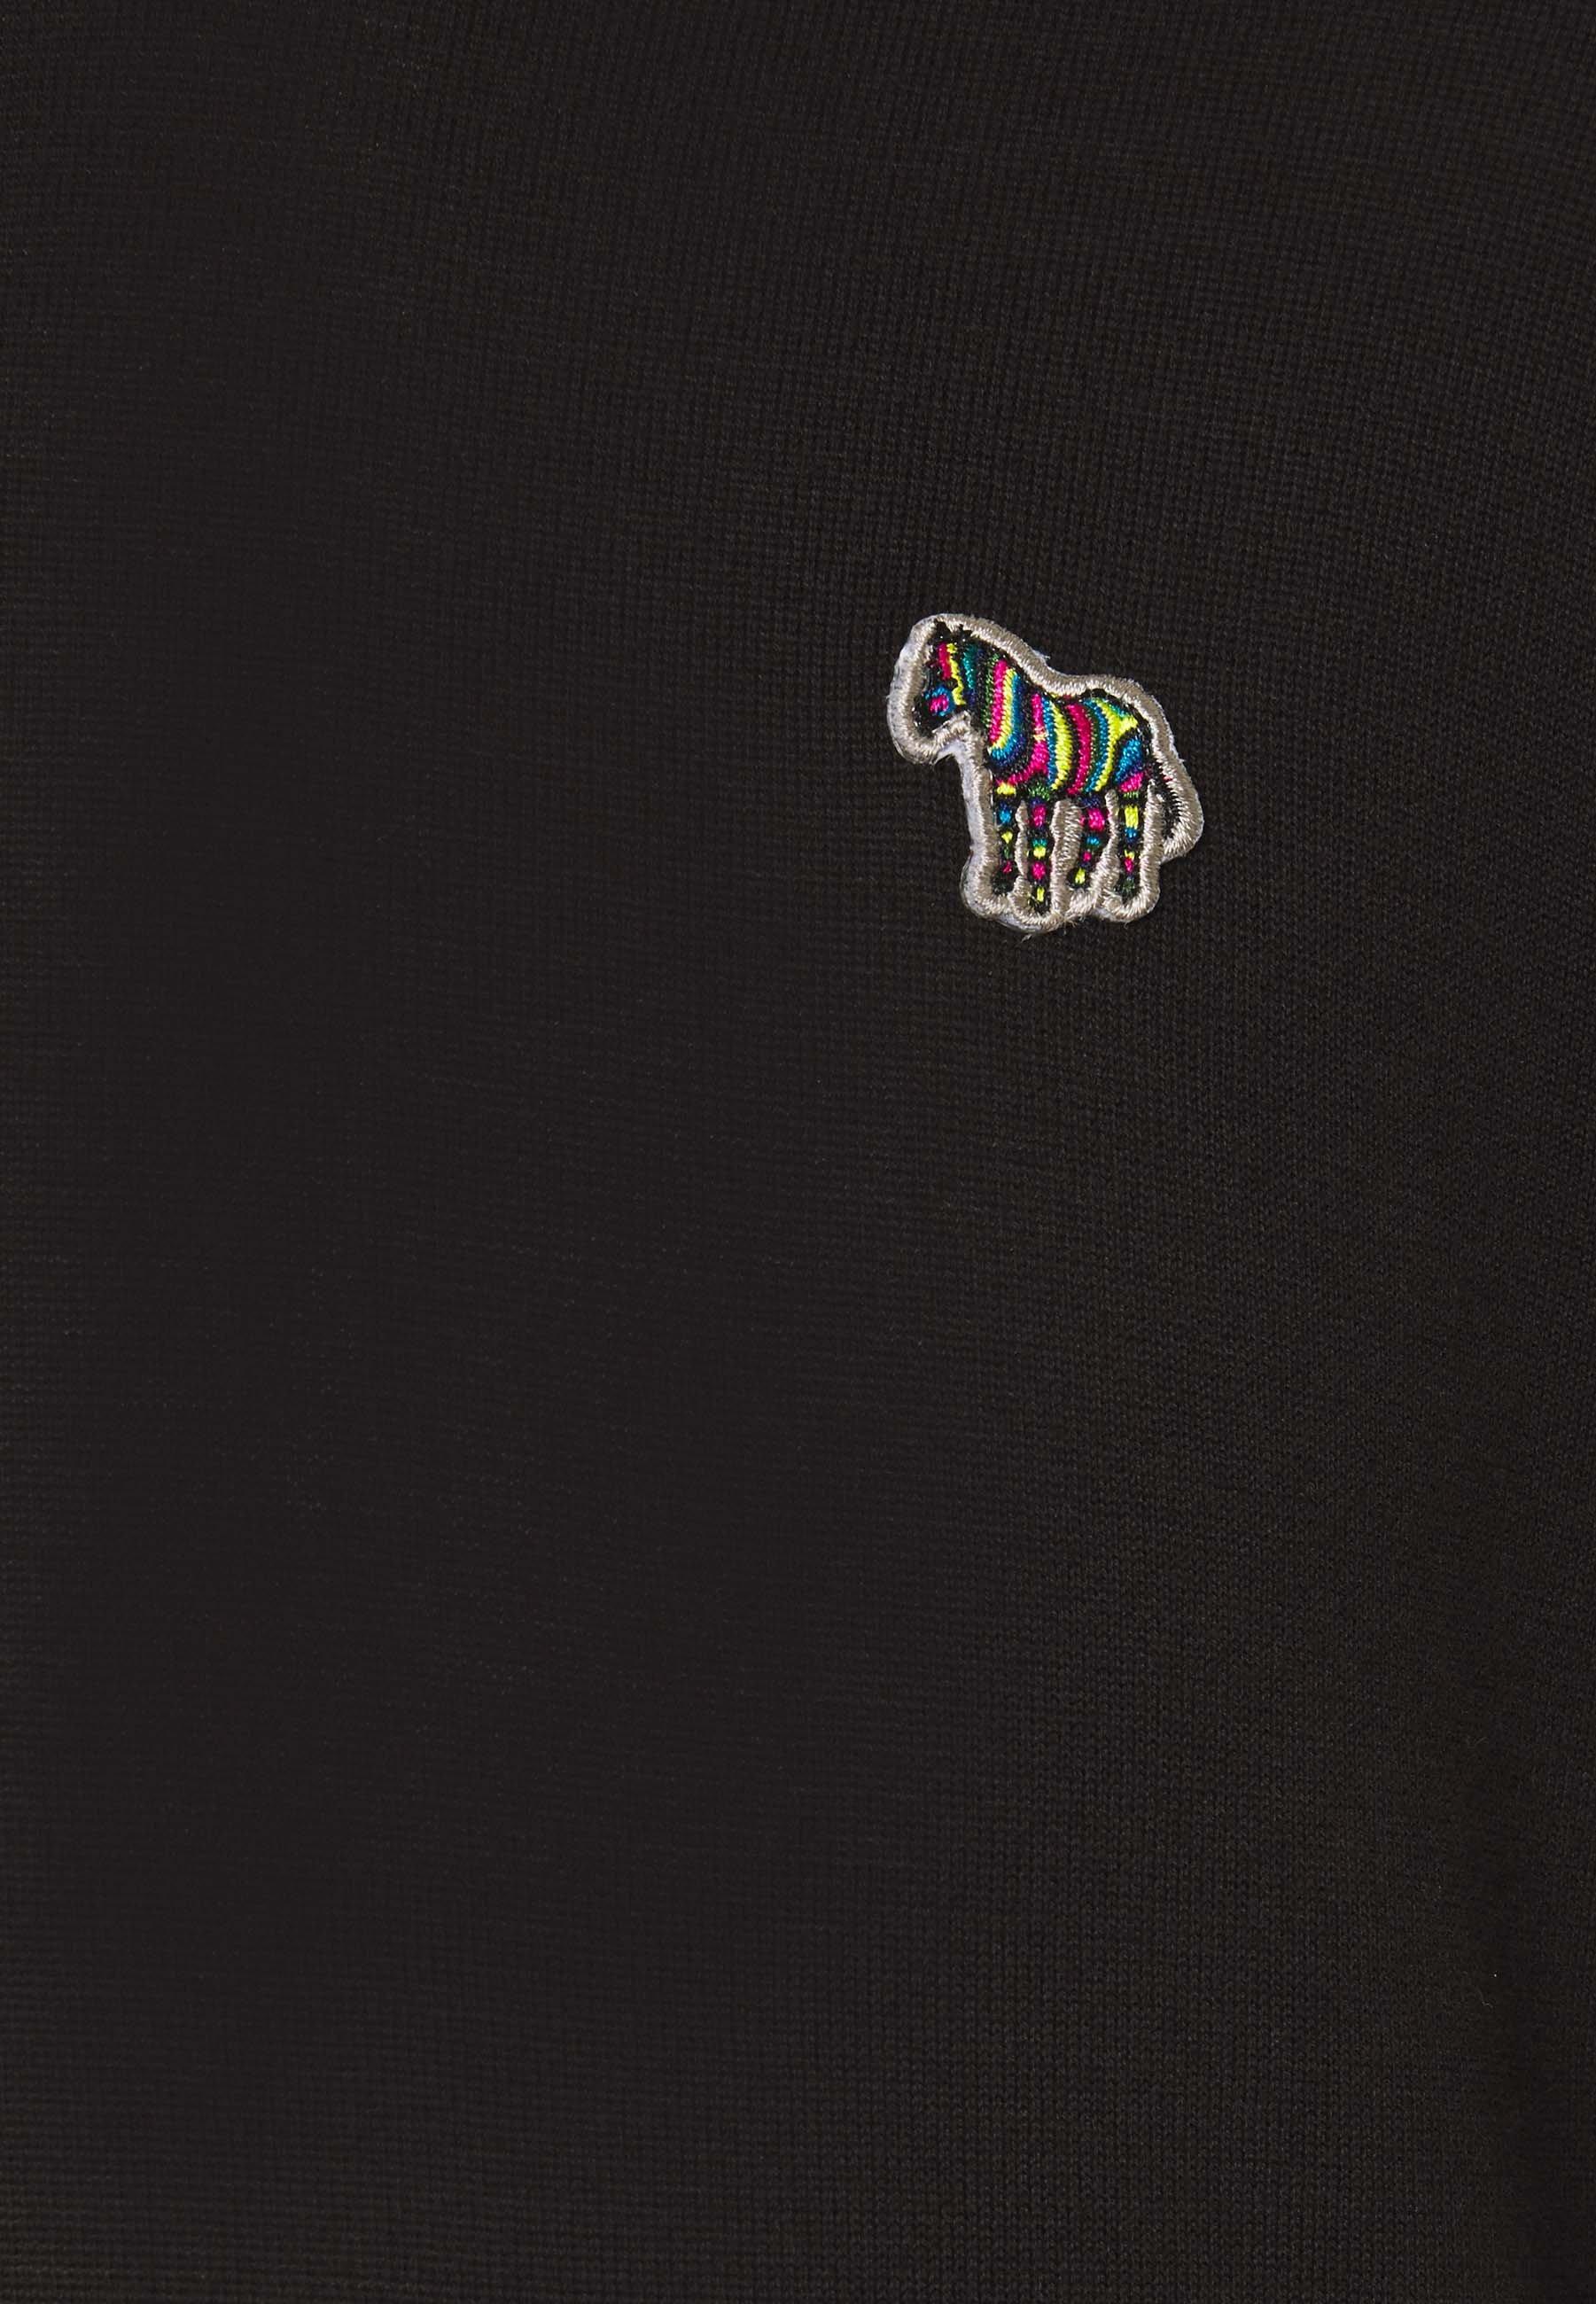 PS Paul Smith MENS CREW NECK ZEBRA - Strickpullover - black/schwarz - Herrenwinterkleidung ahx6D